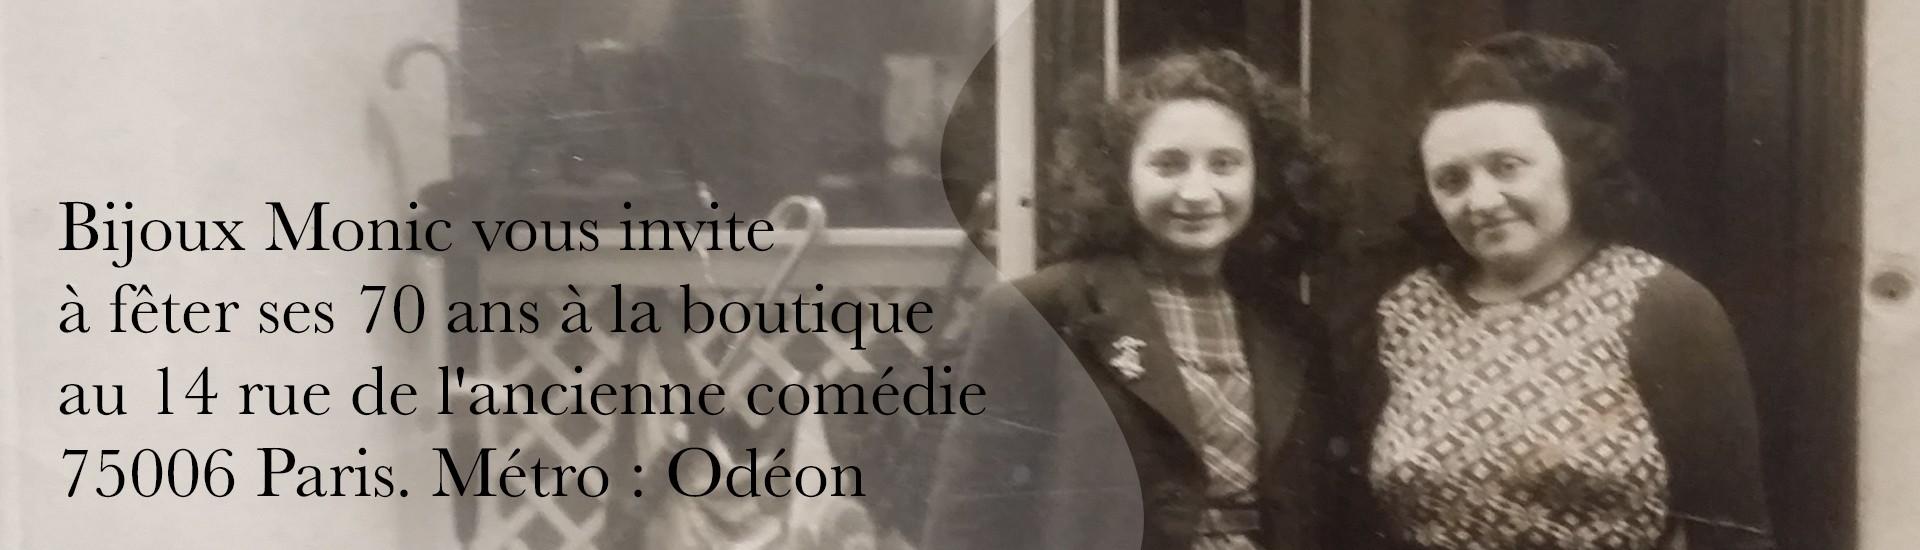 70 ans de Bijoux Monic